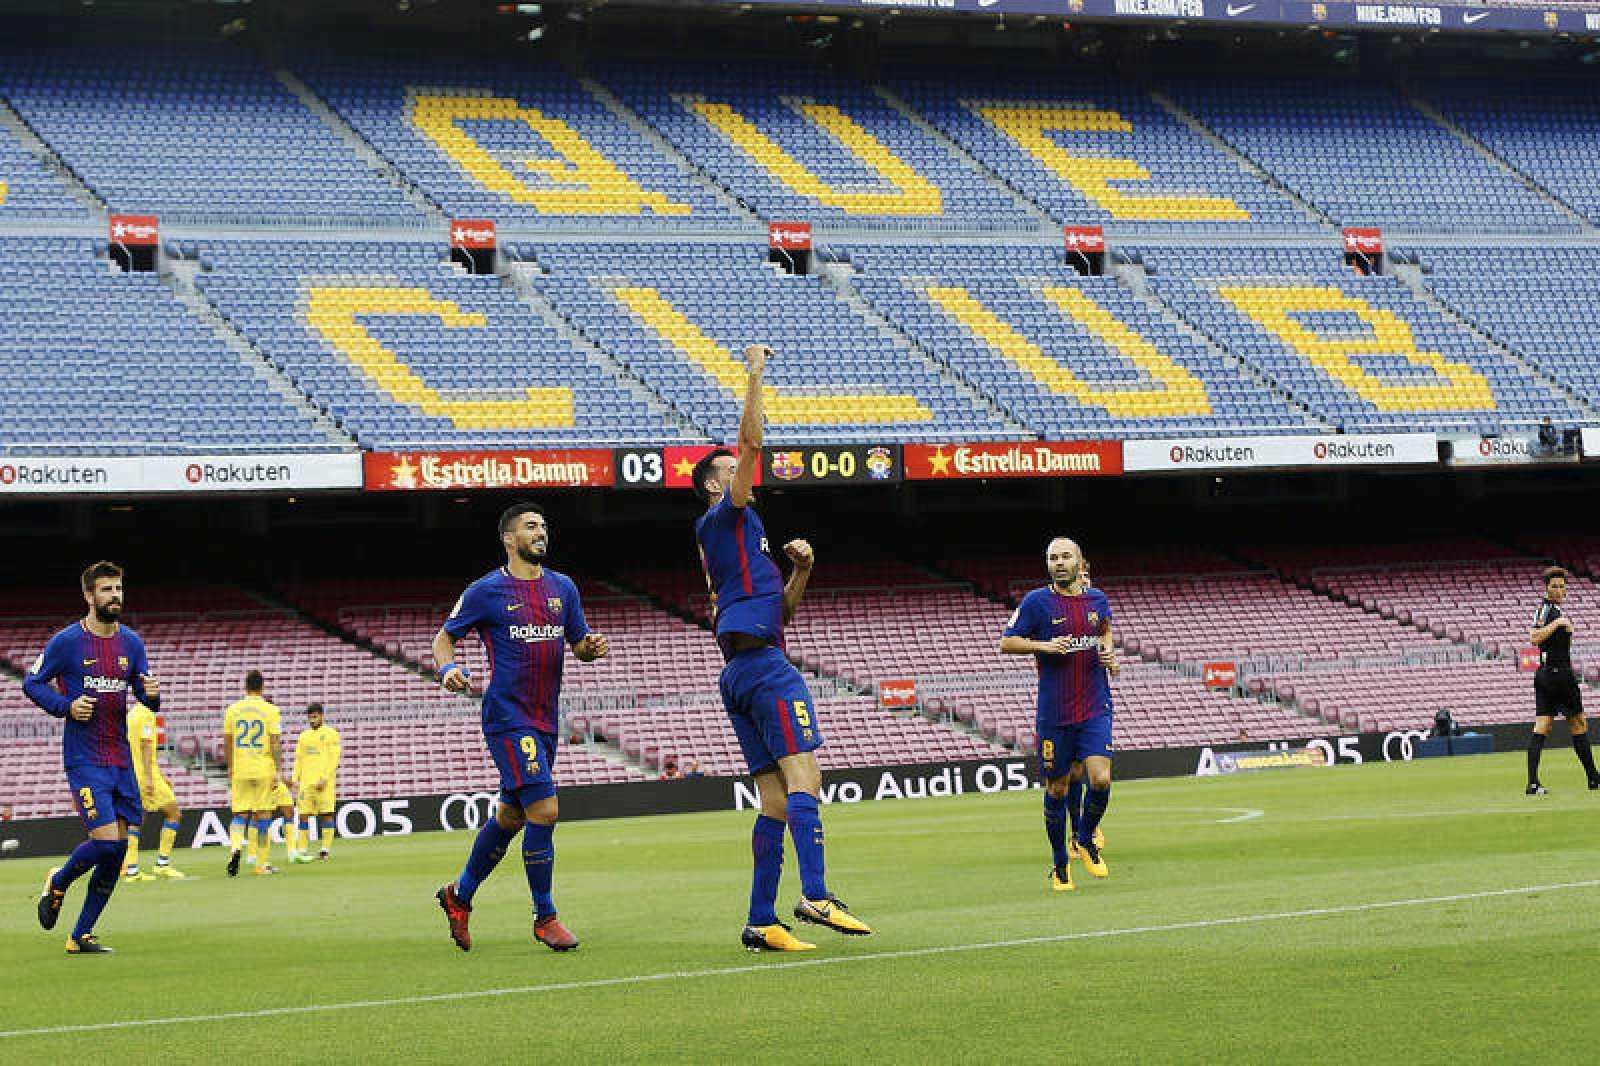 Imagenes del partido a puerta cerrada entre el Barça y Las Palmas en el Camp Nou.